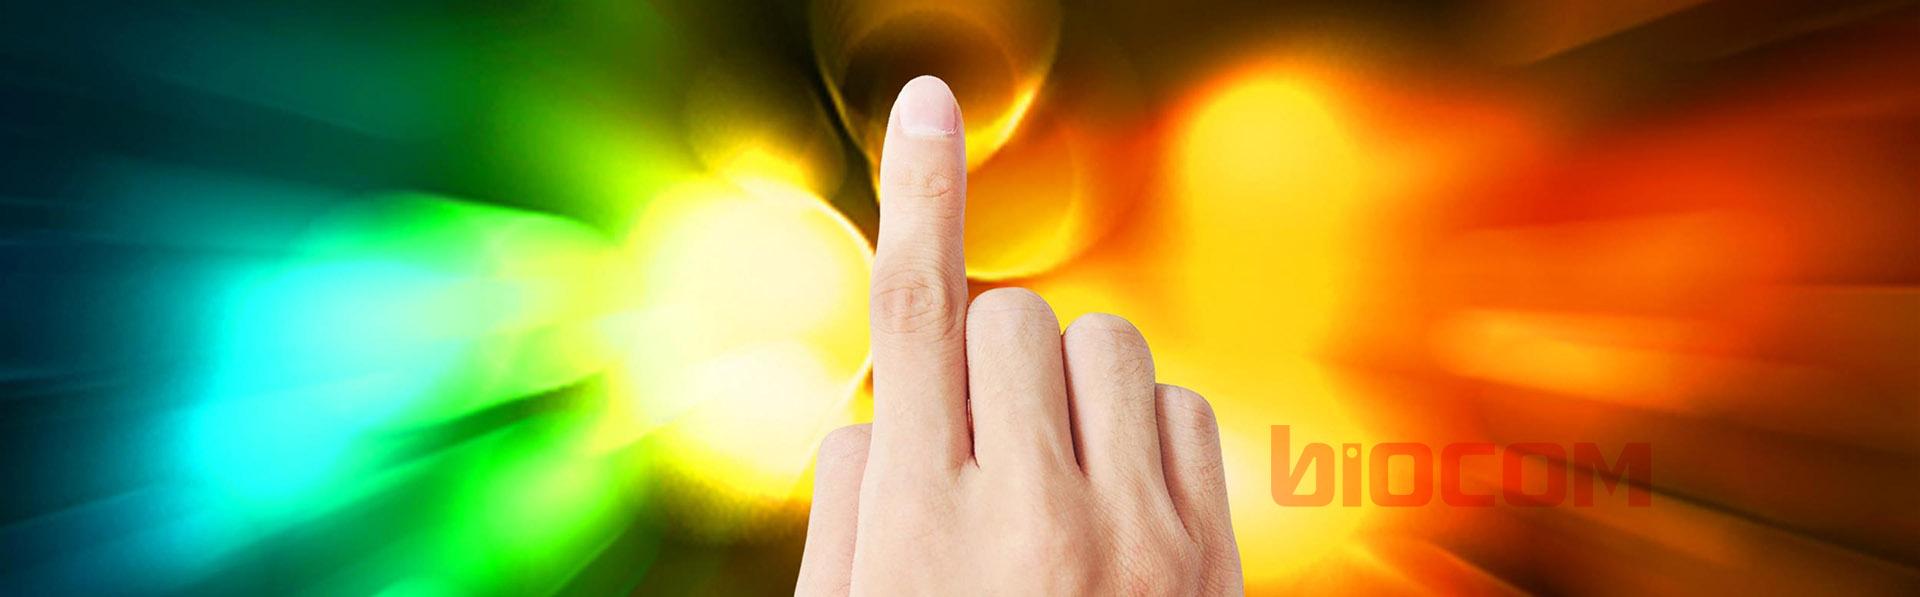 טביעת אצבע לבקרת כניסה3